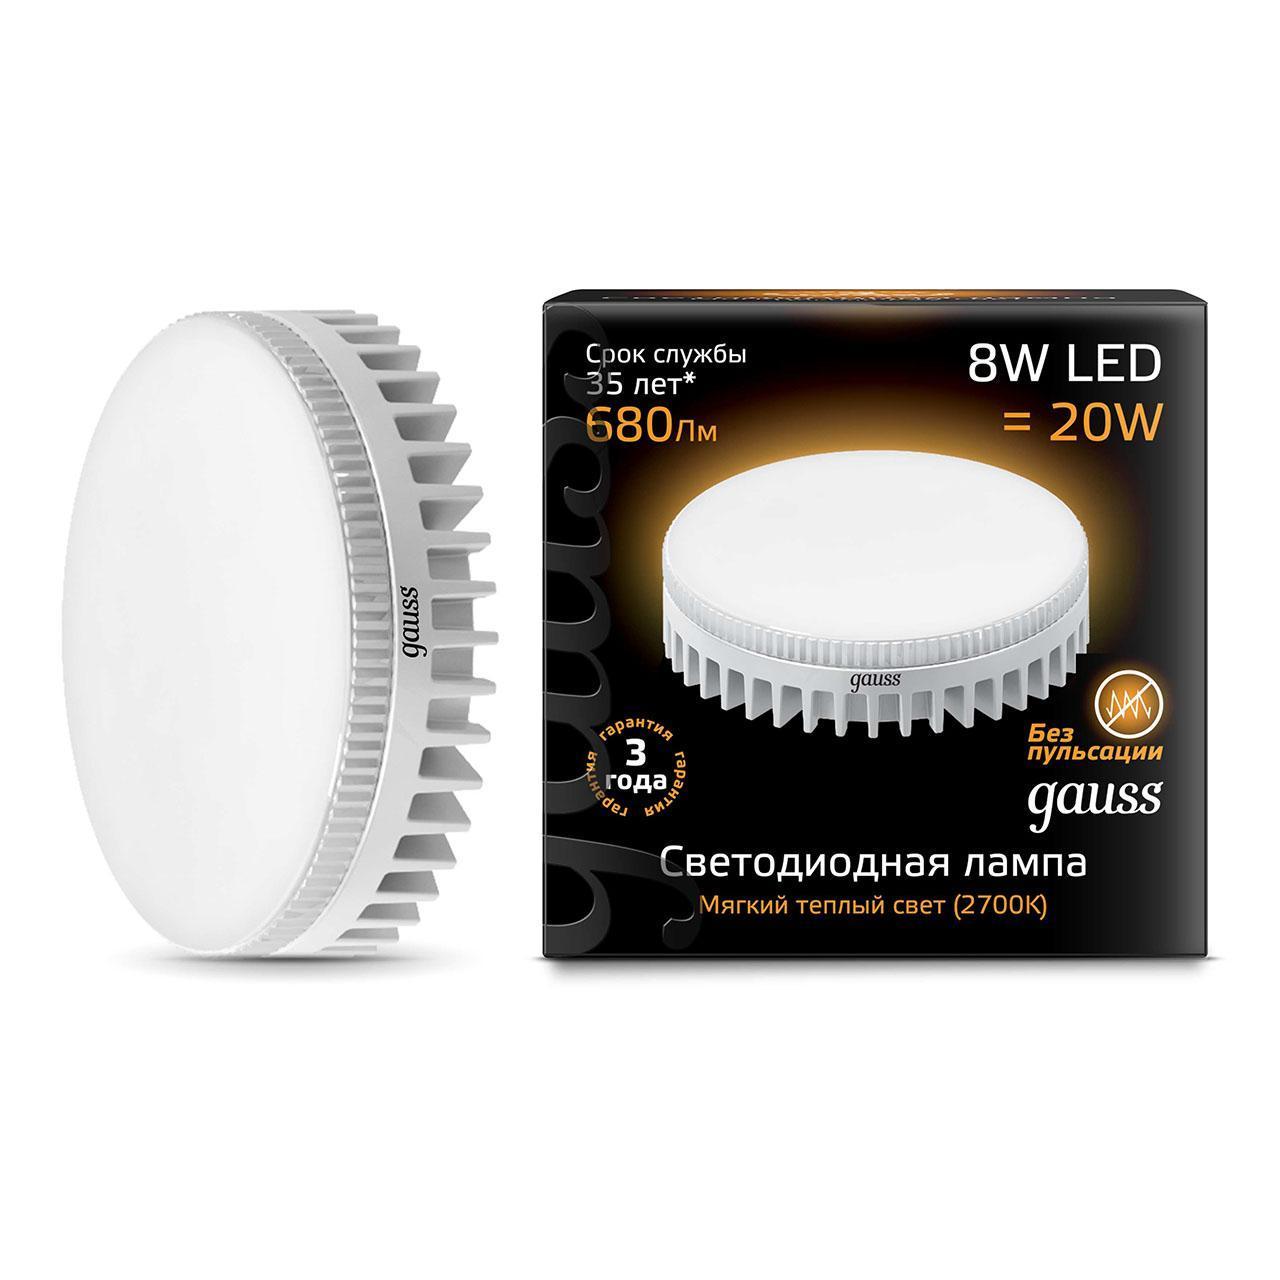 Лампа светодиодная GX53 8W 3000K матовая 108008108 gauss светодиодная лампа led gx53 8w ld108008208